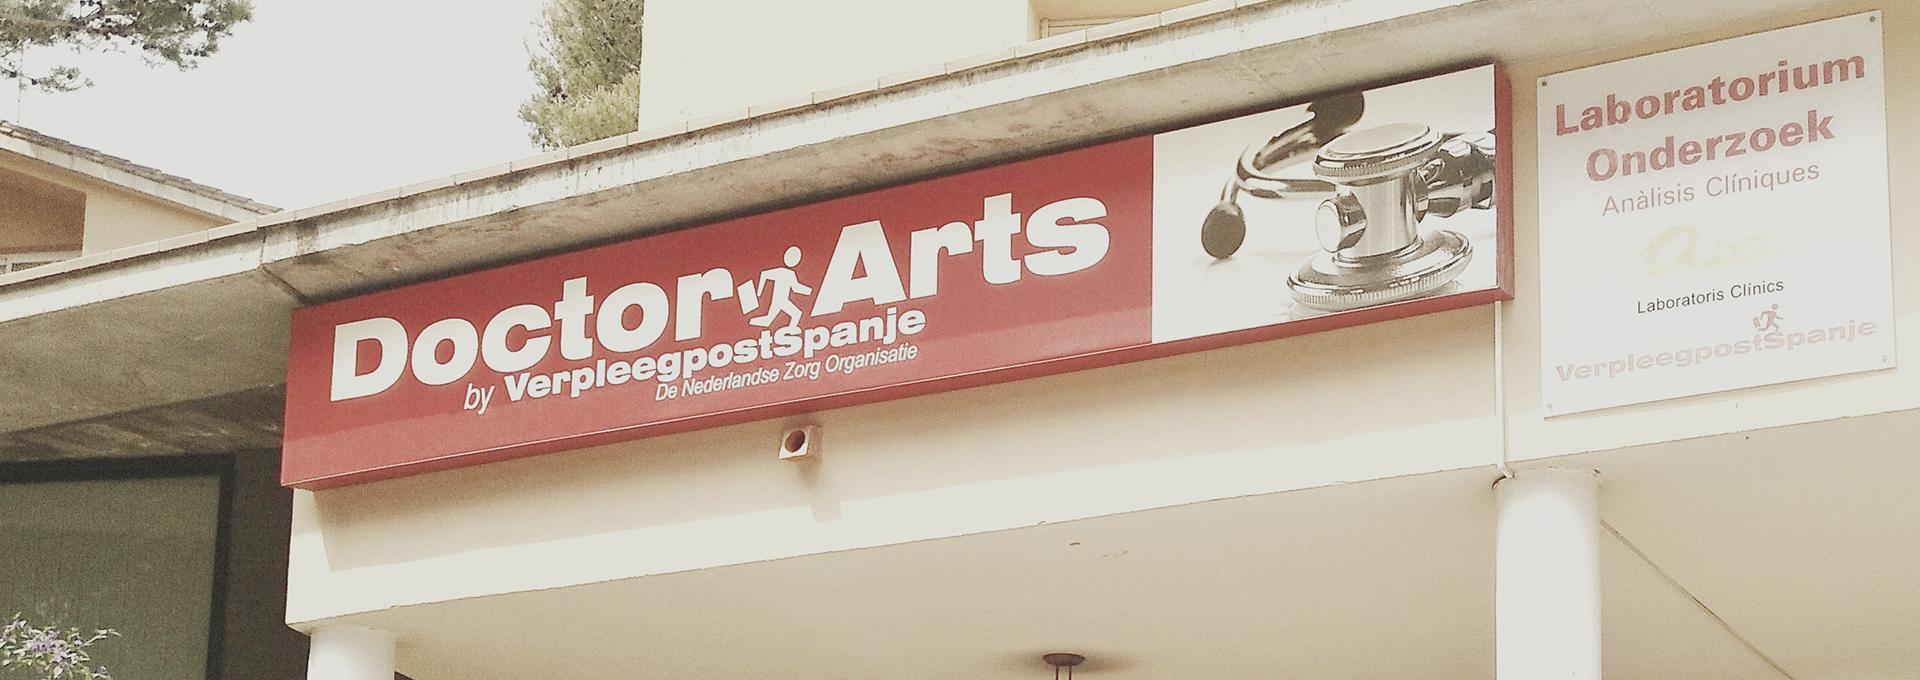 Uw huisarts in onze huisartsenpraktijk van Doctor Arts VerpleegpostSpanje Nederlandse Zorg Organisatie in Pals Begur aan de Costa Brava